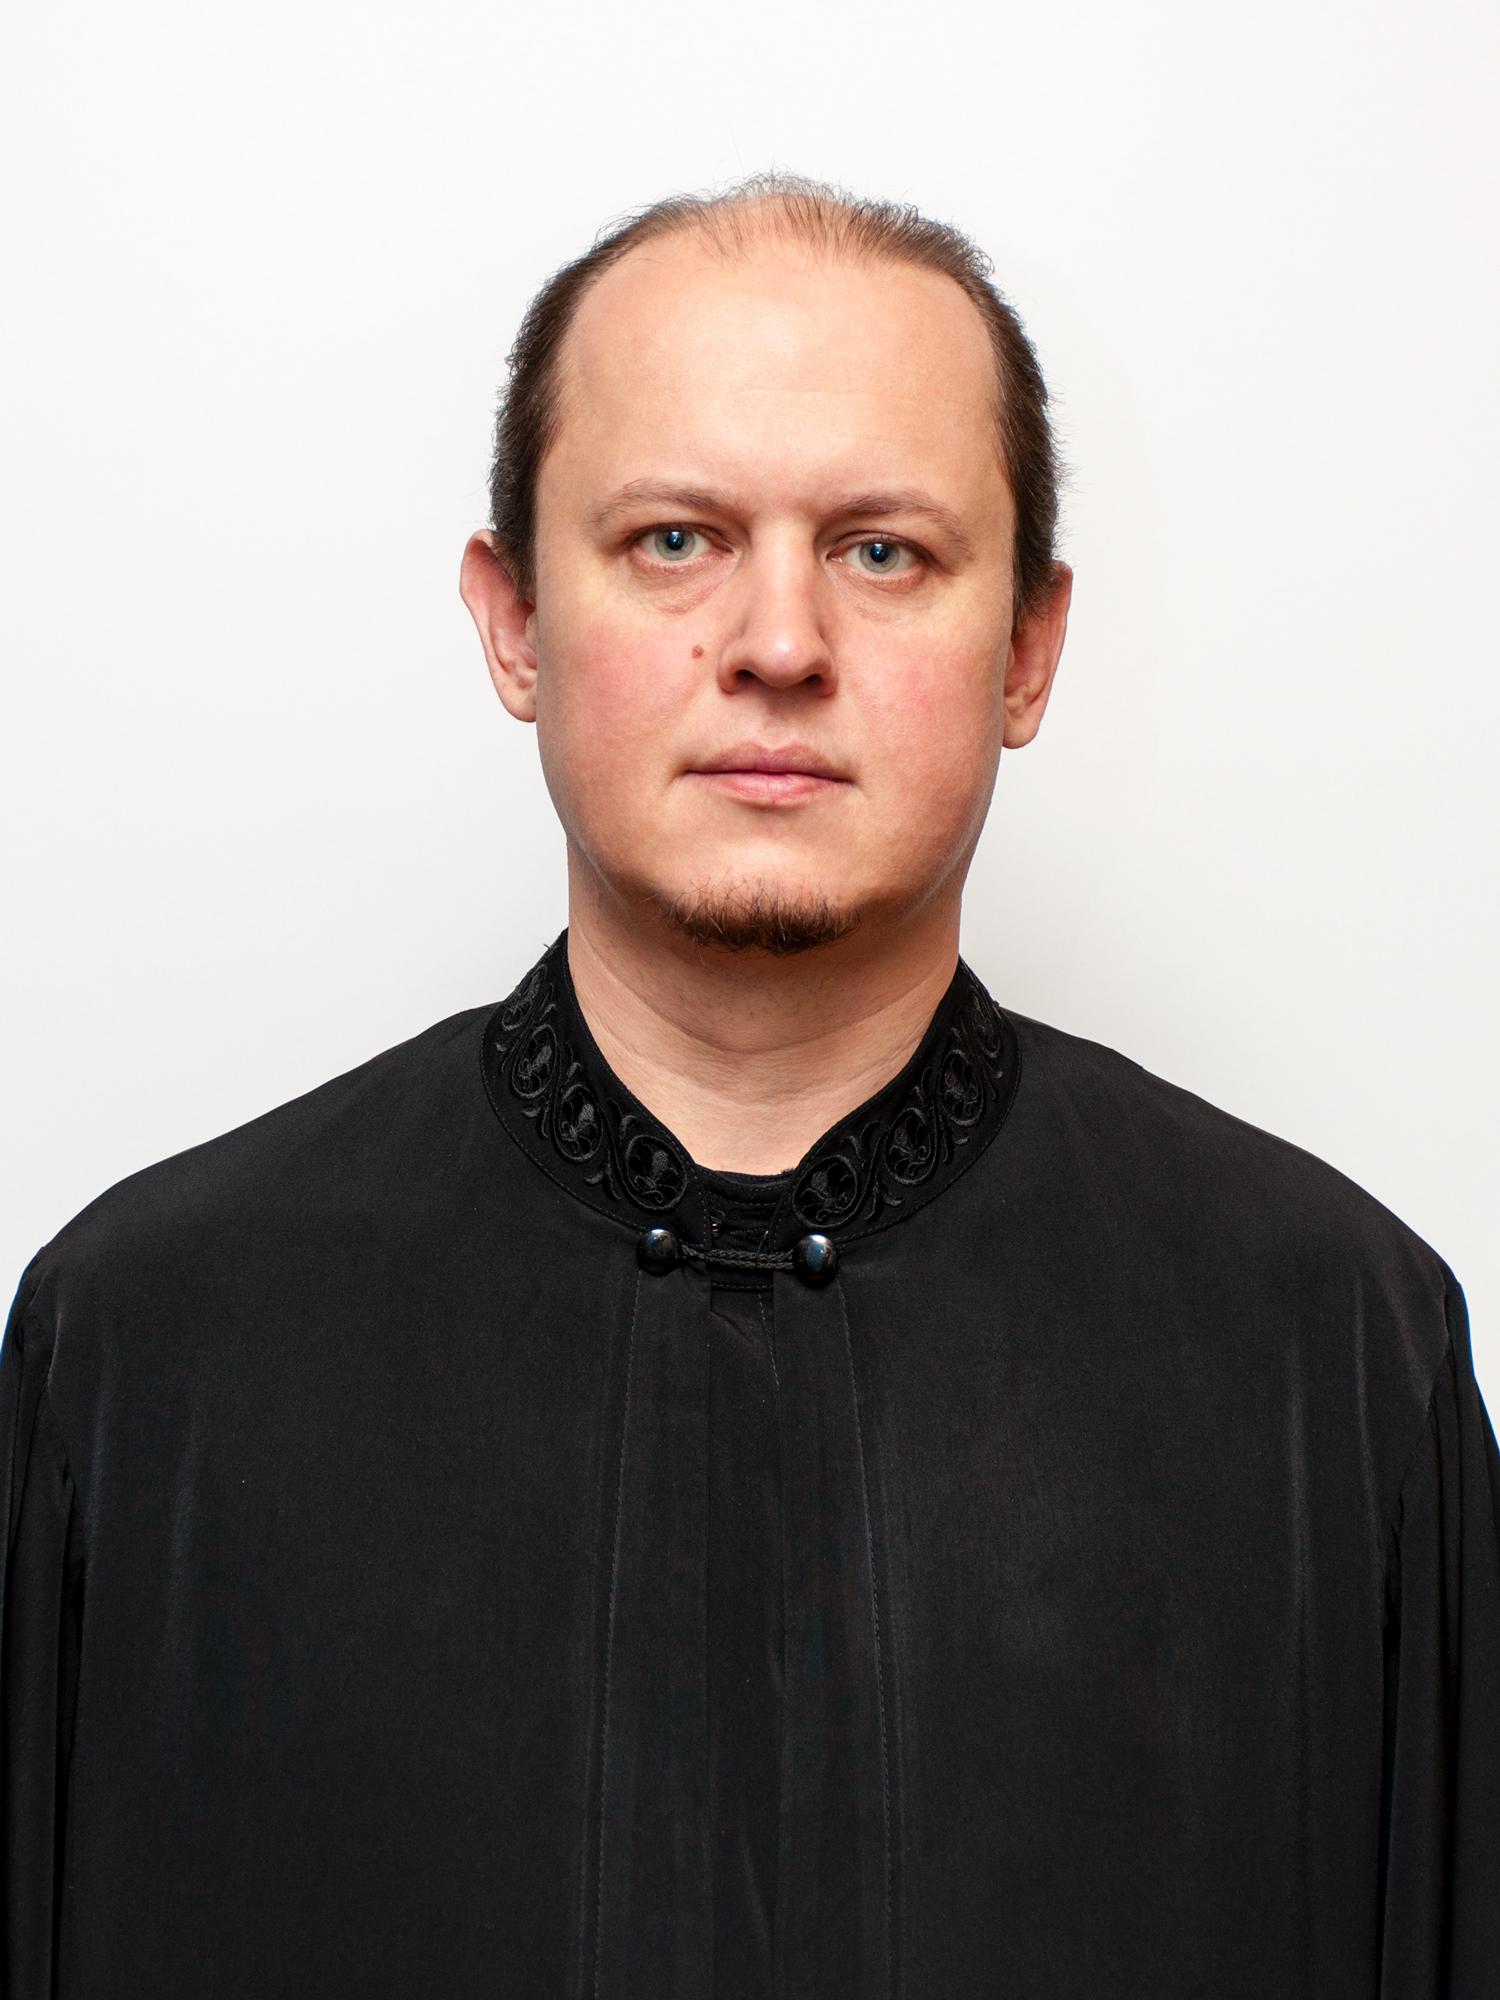 Протодиакон Димитрий Владимирович Соловьев